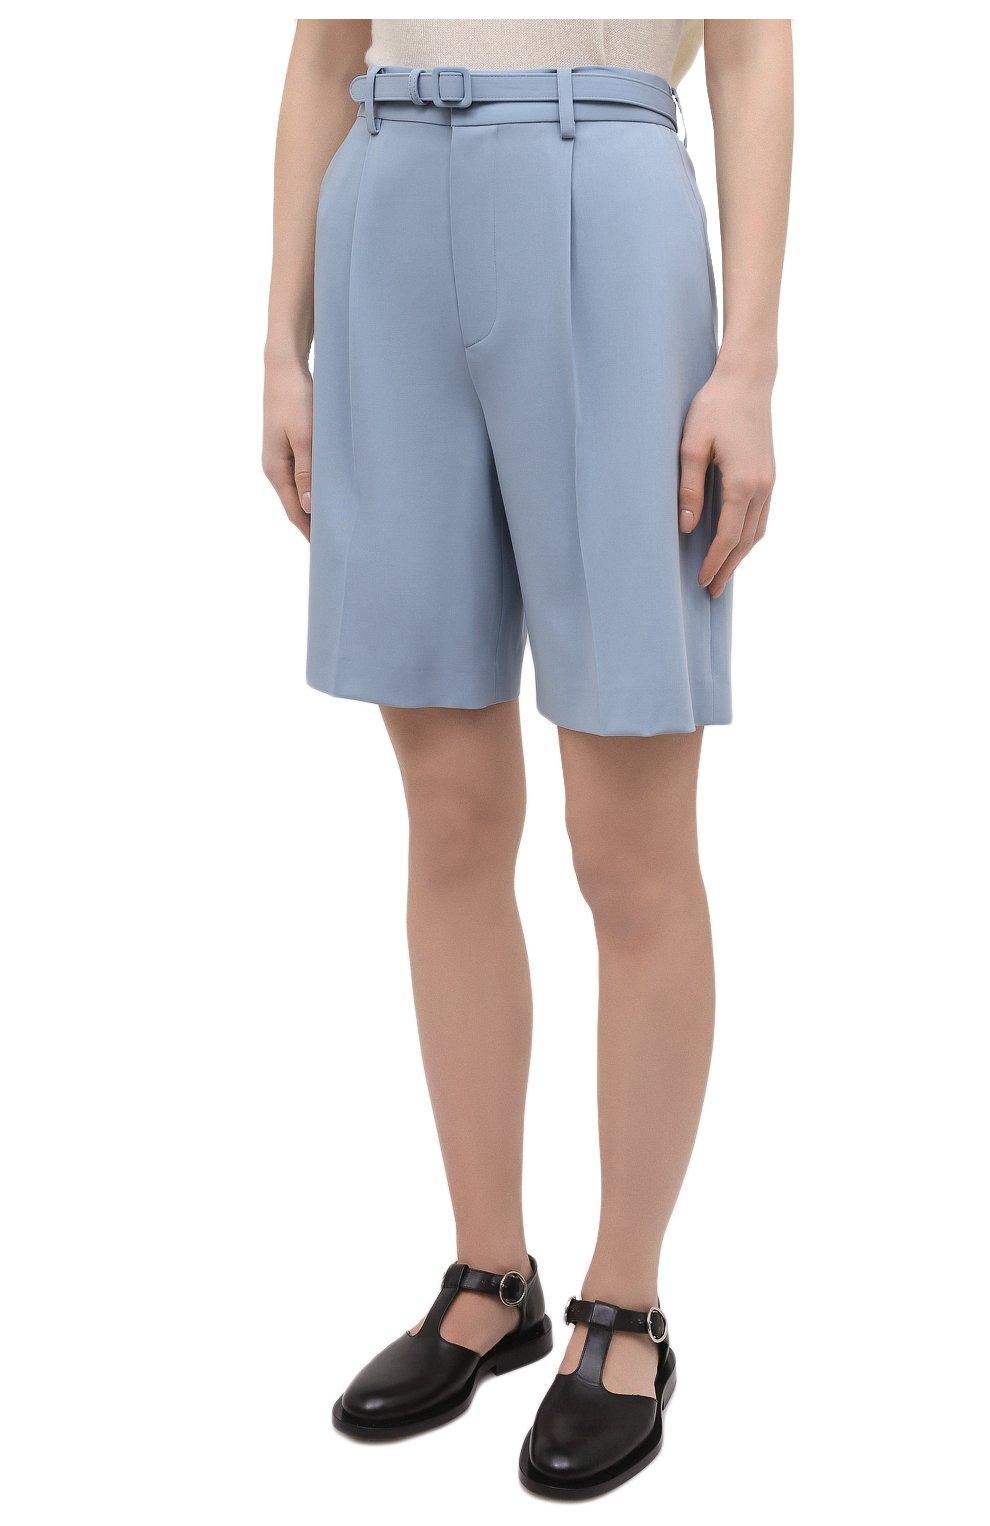 Женские шерстяные шорты RALPH LAUREN светло-голубого цвета, арт. 290842607 | Фото 3 (Женское Кросс-КТ: Шорты-одежда; Материал внешний: Шерсть; Длина Ж (юбки, платья, шорты): Мини; Кросс-КТ: Широкие; Стили: Романтичный)